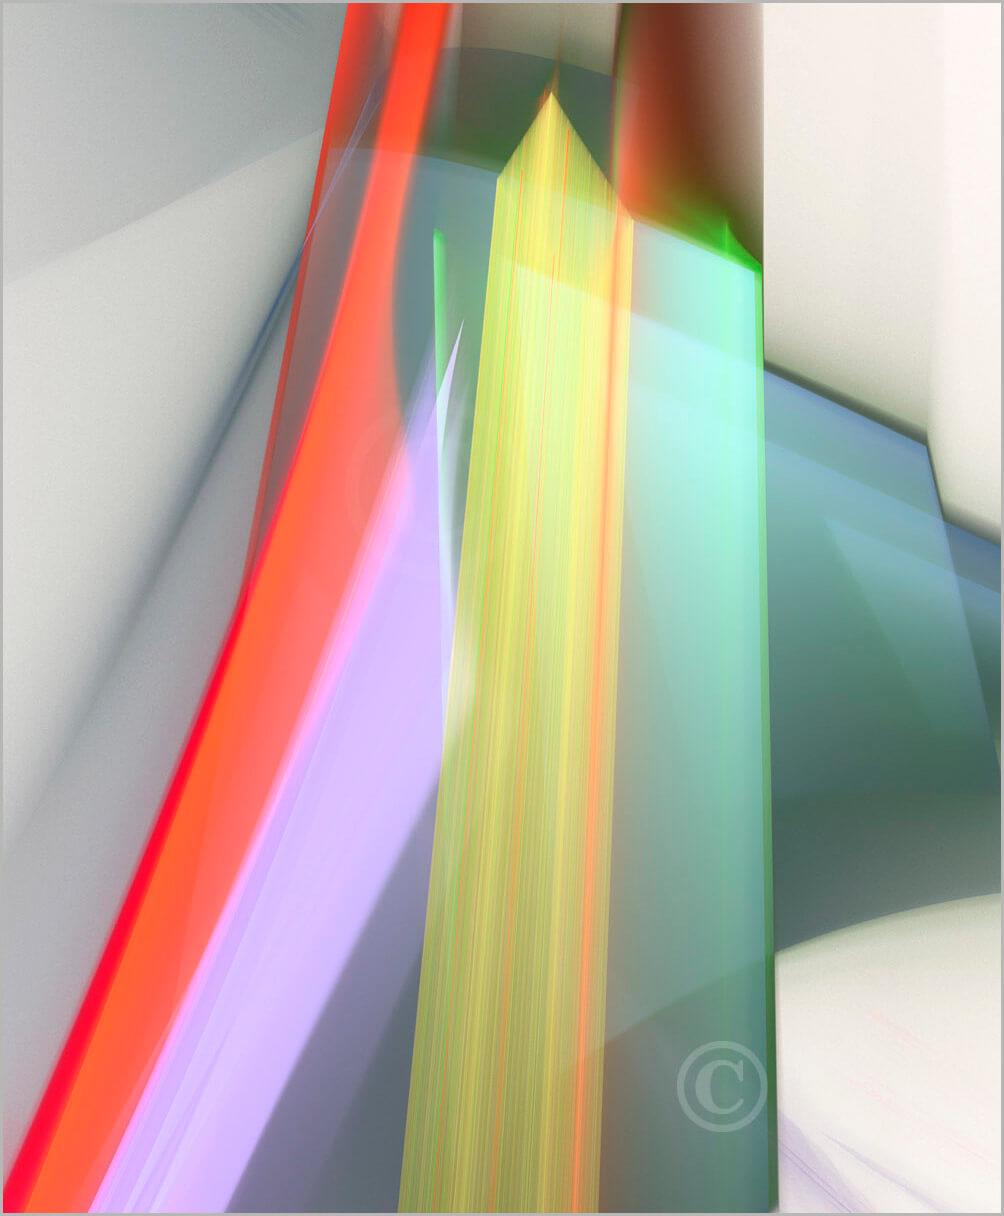 Colorshapes_F2_2973_L